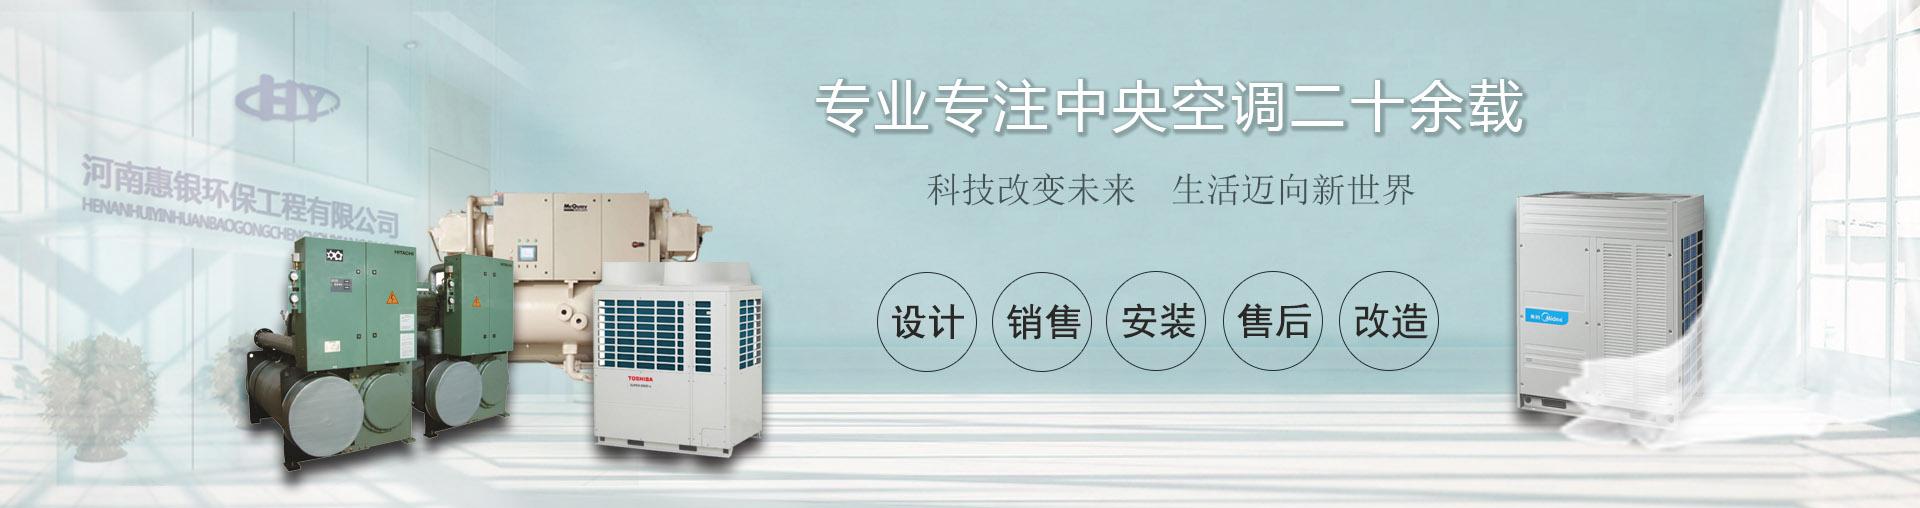 案例:郑州中央空调安装